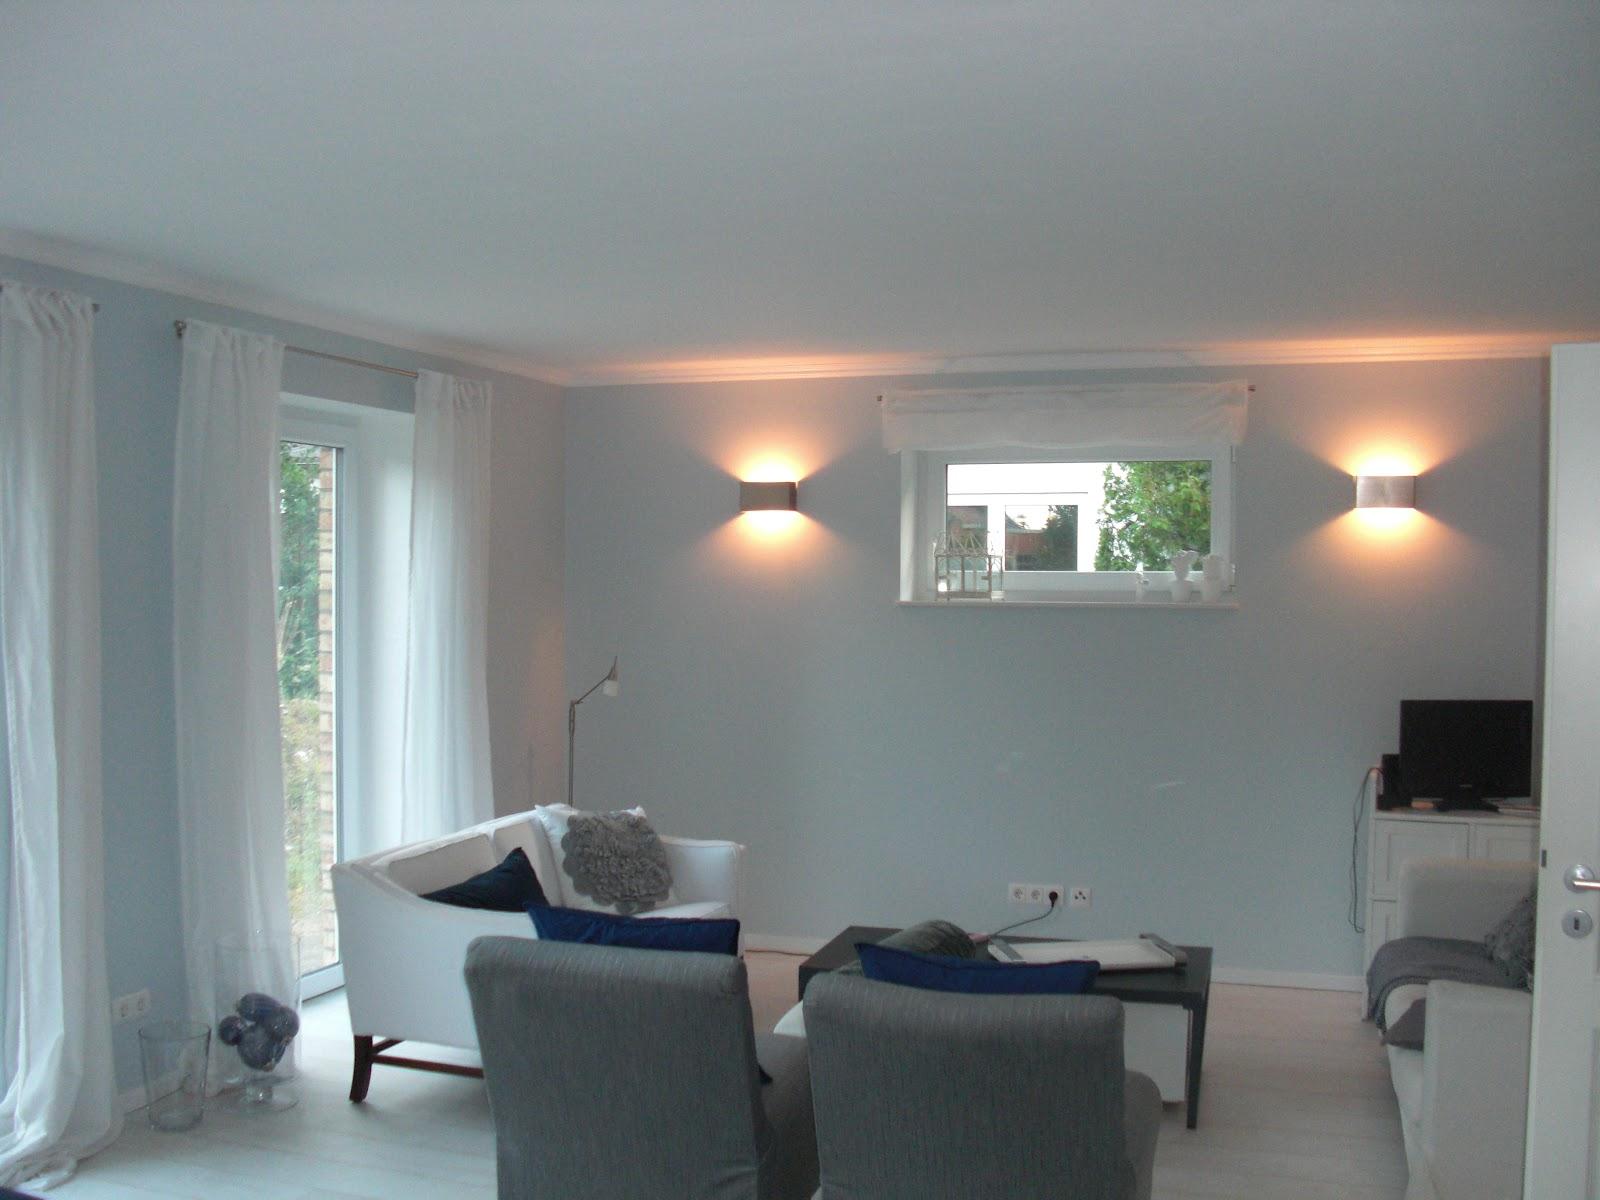 heim elich raffrollo wohnzimmer. Black Bedroom Furniture Sets. Home Design Ideas